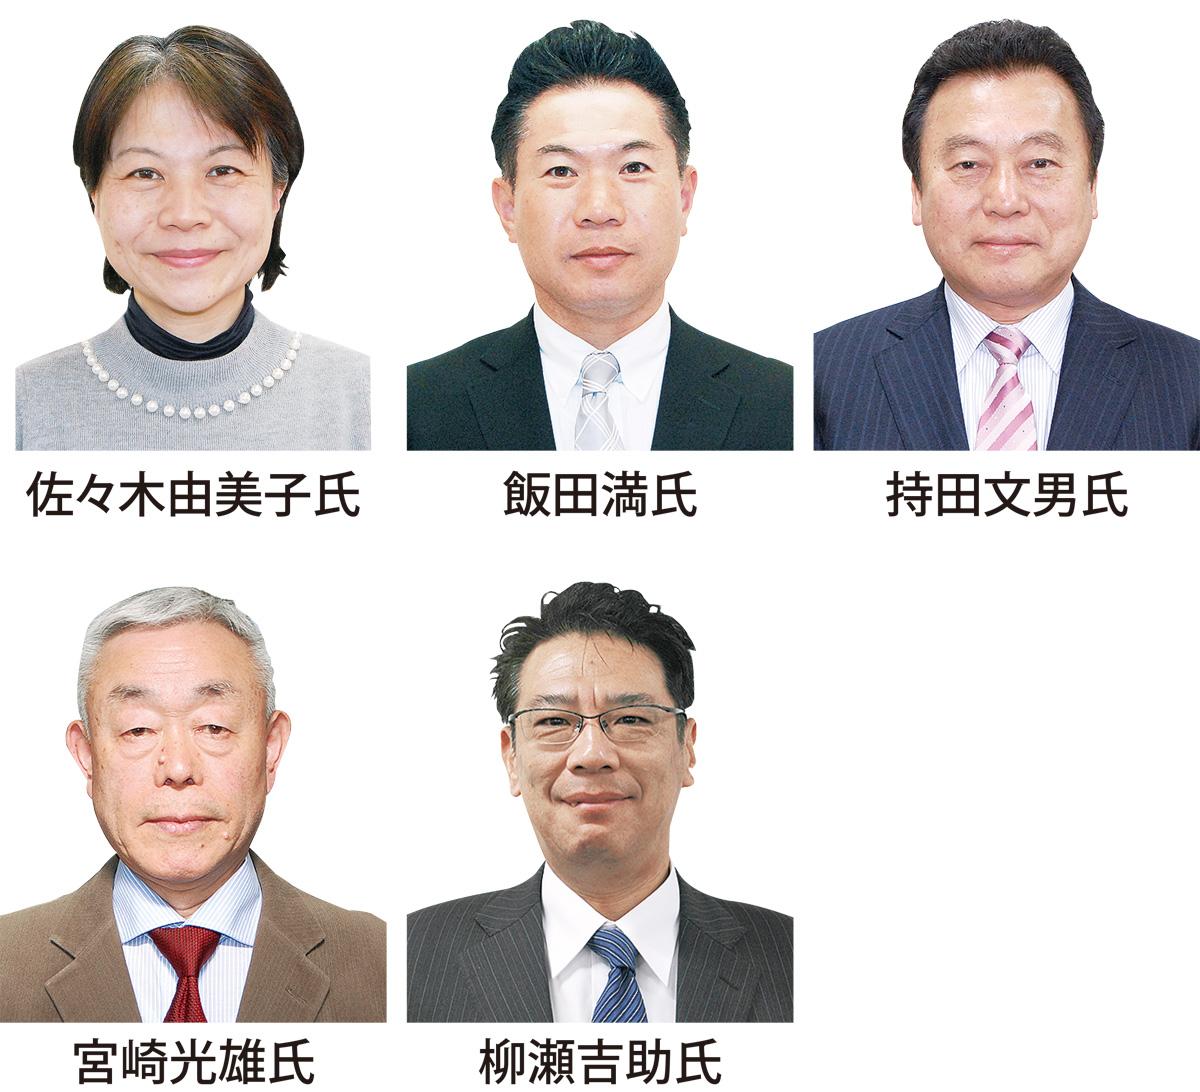 県議選には5人名乗り